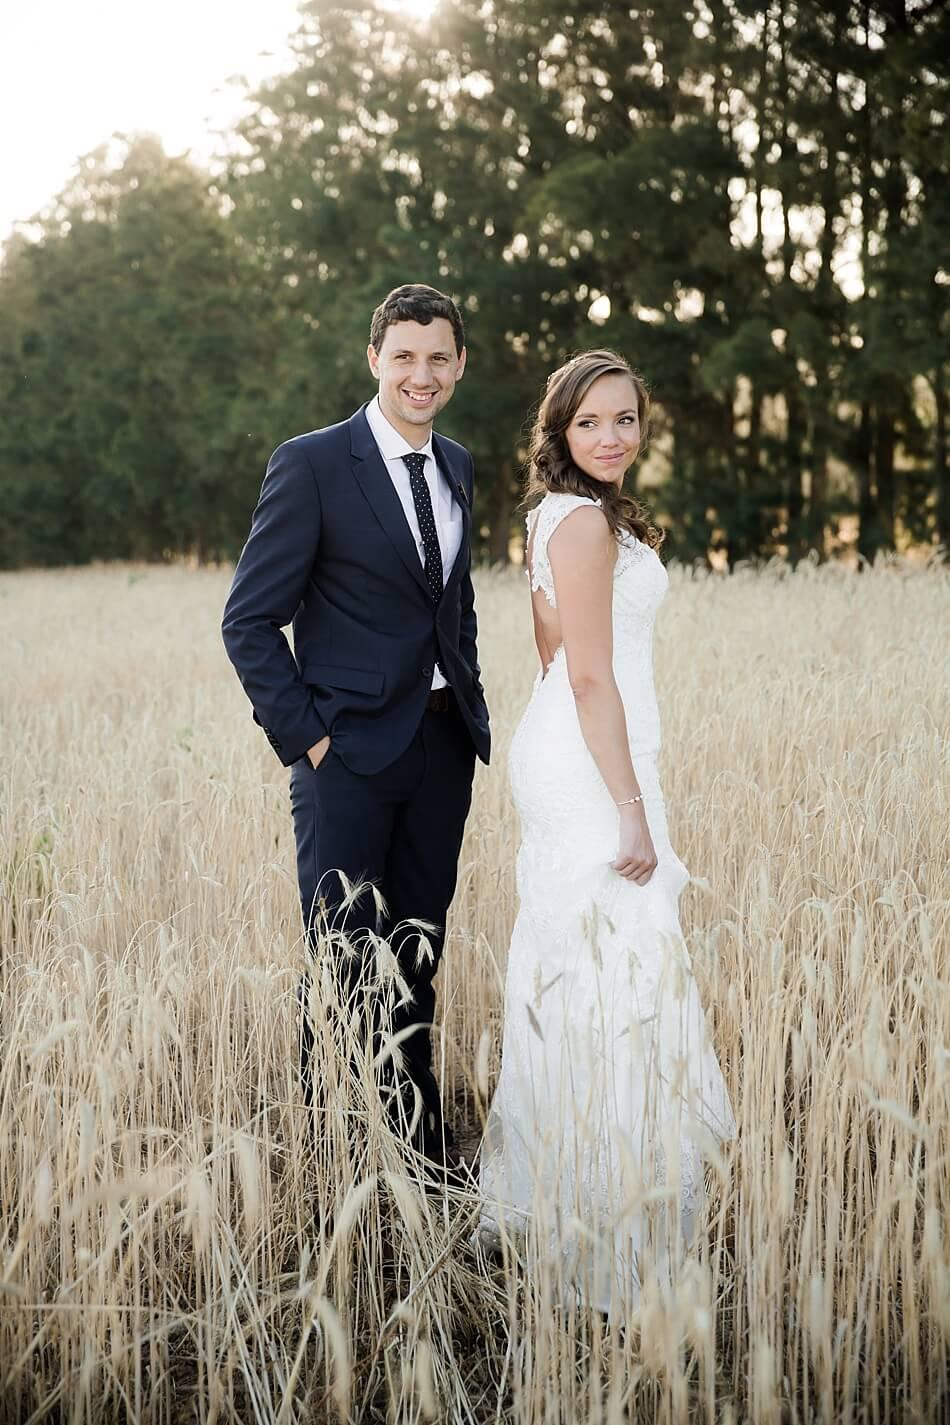 nikki-meyer_nooitgedacht_cape-town-wedding-photographer_061